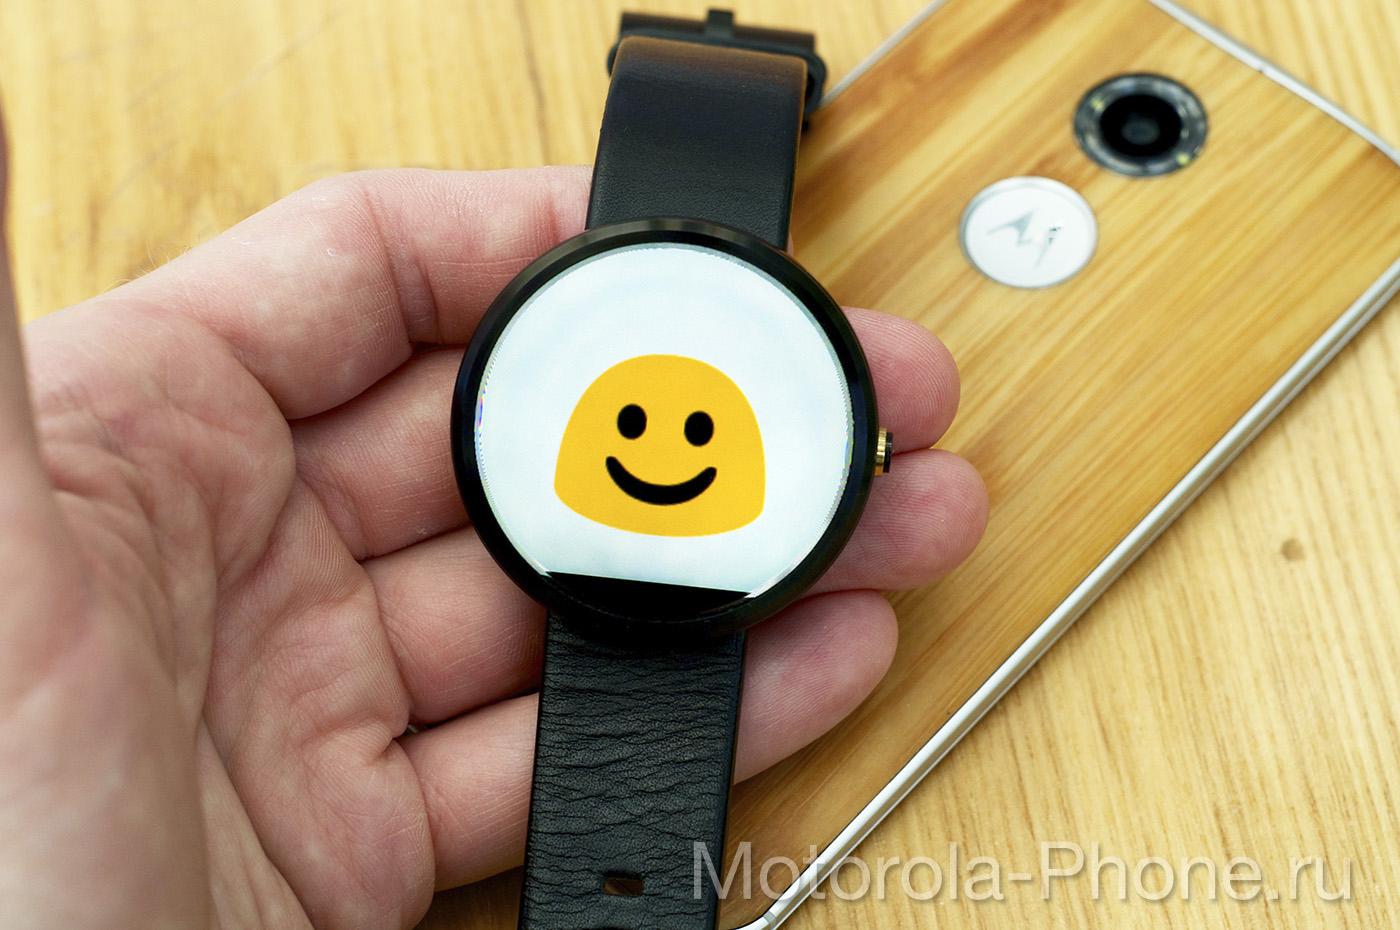 Motorola-Moto-360-Android-Wear-5-1-26 copy